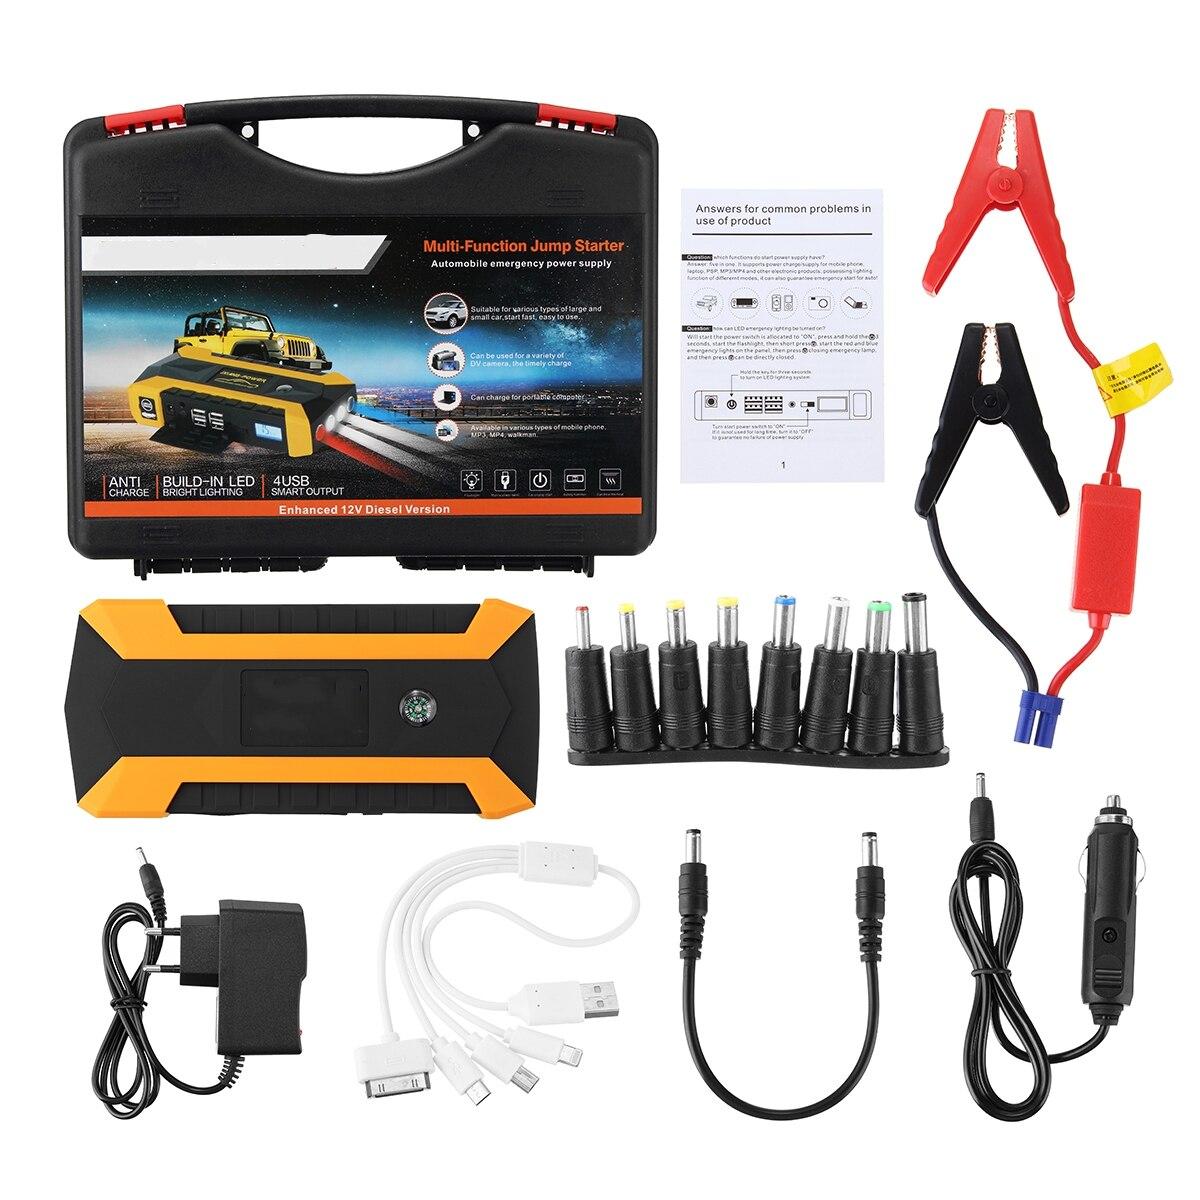 Práctica 89800 mAh 12 V 4USB cargador de batería de coche que del coche salto de arranque de energía Banco Kit de herramienta para Auto dispositivo de arranque